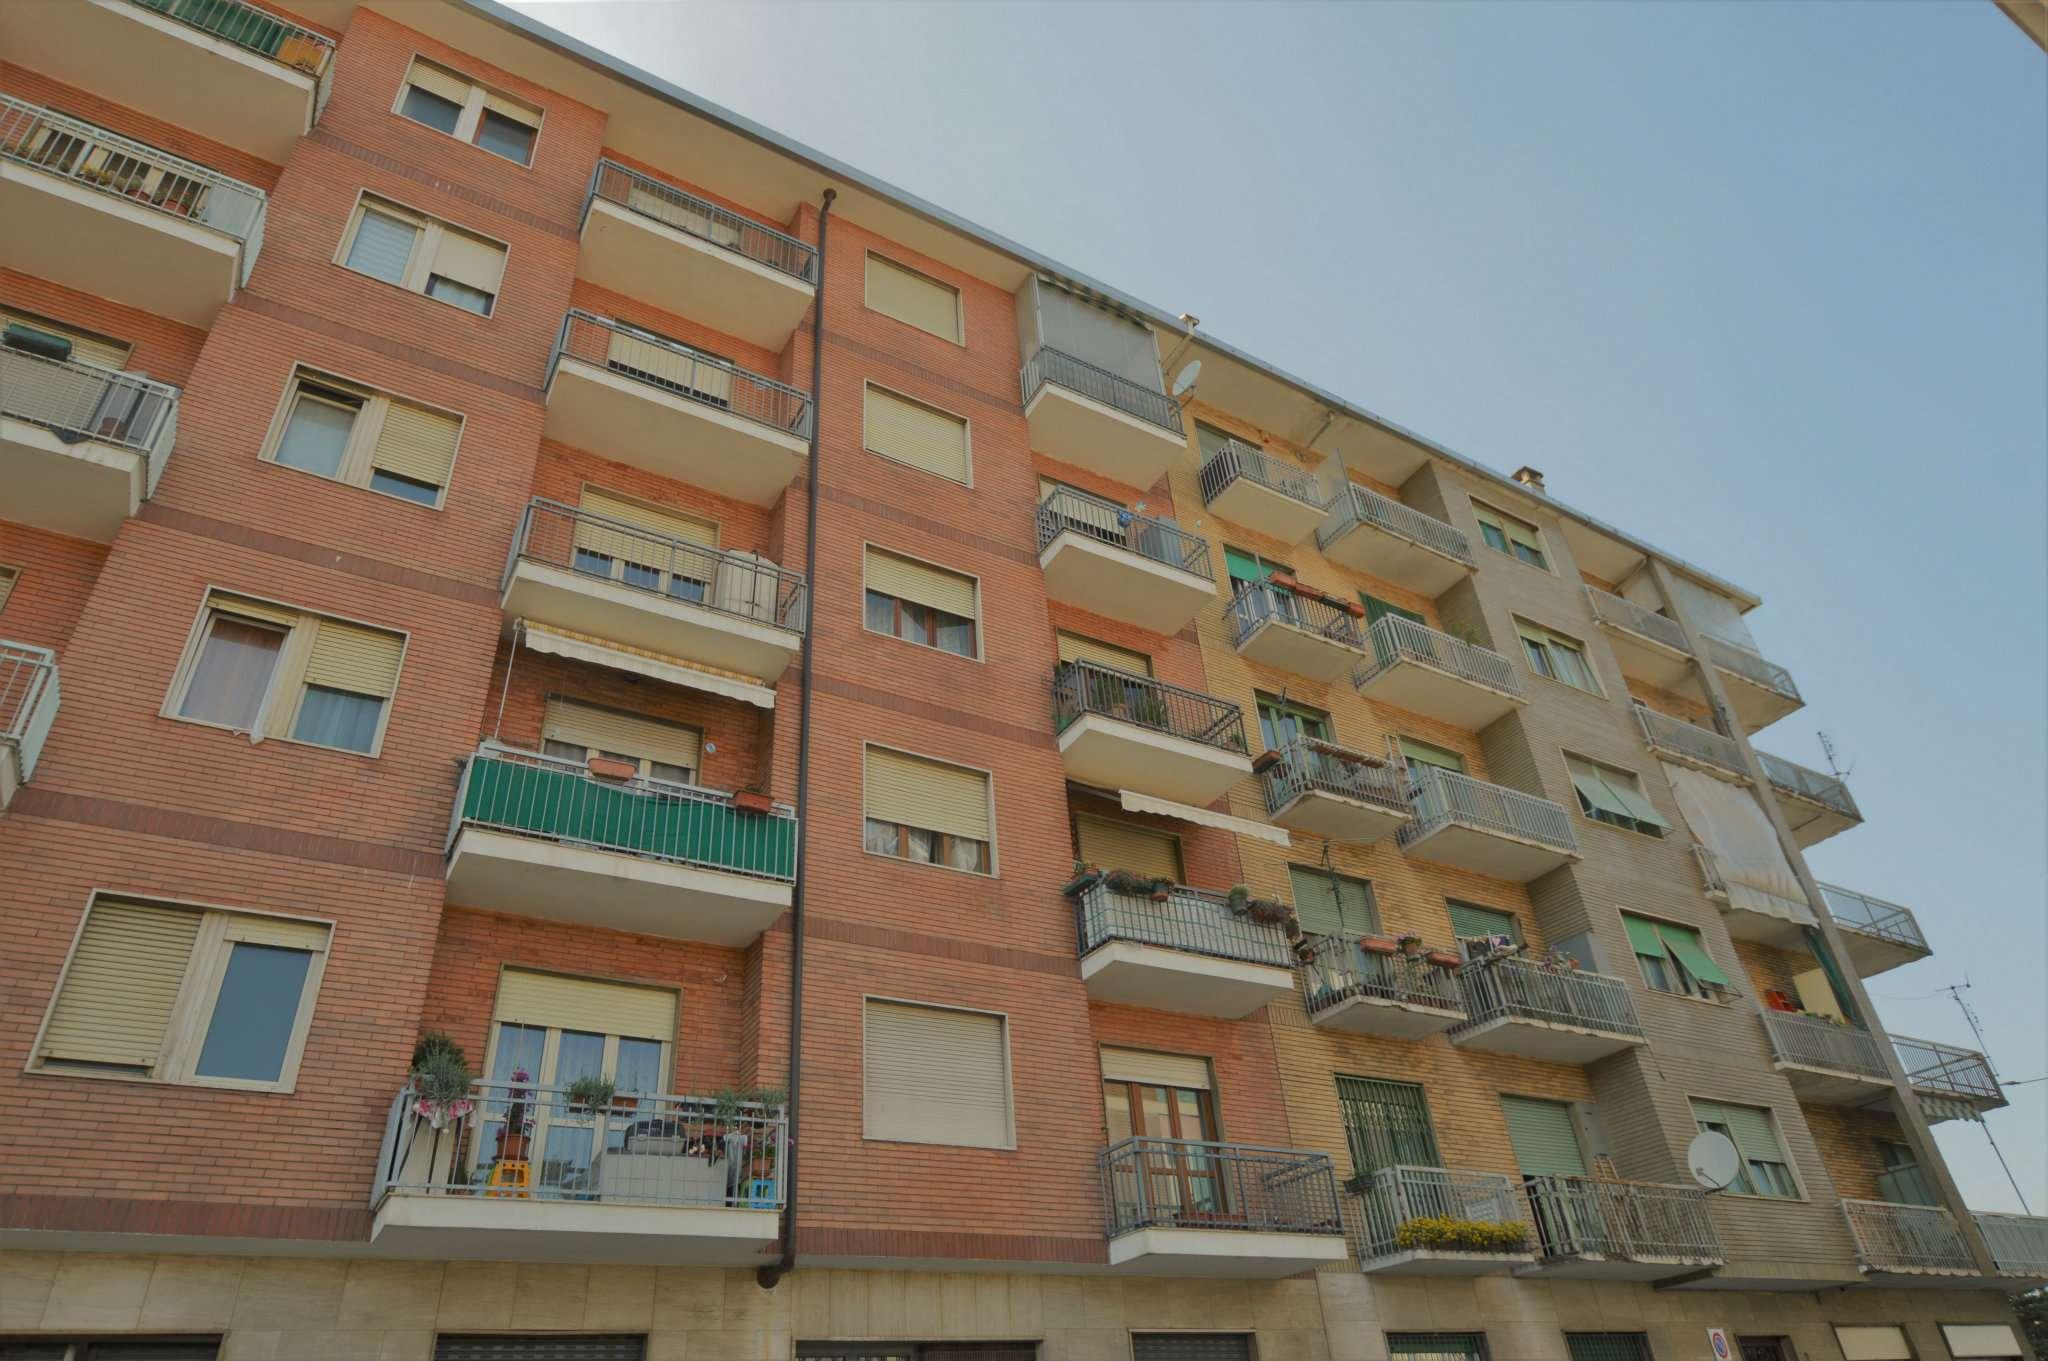 Appartamento in vendita via via Cristoforo Colombo 6 Nichelino